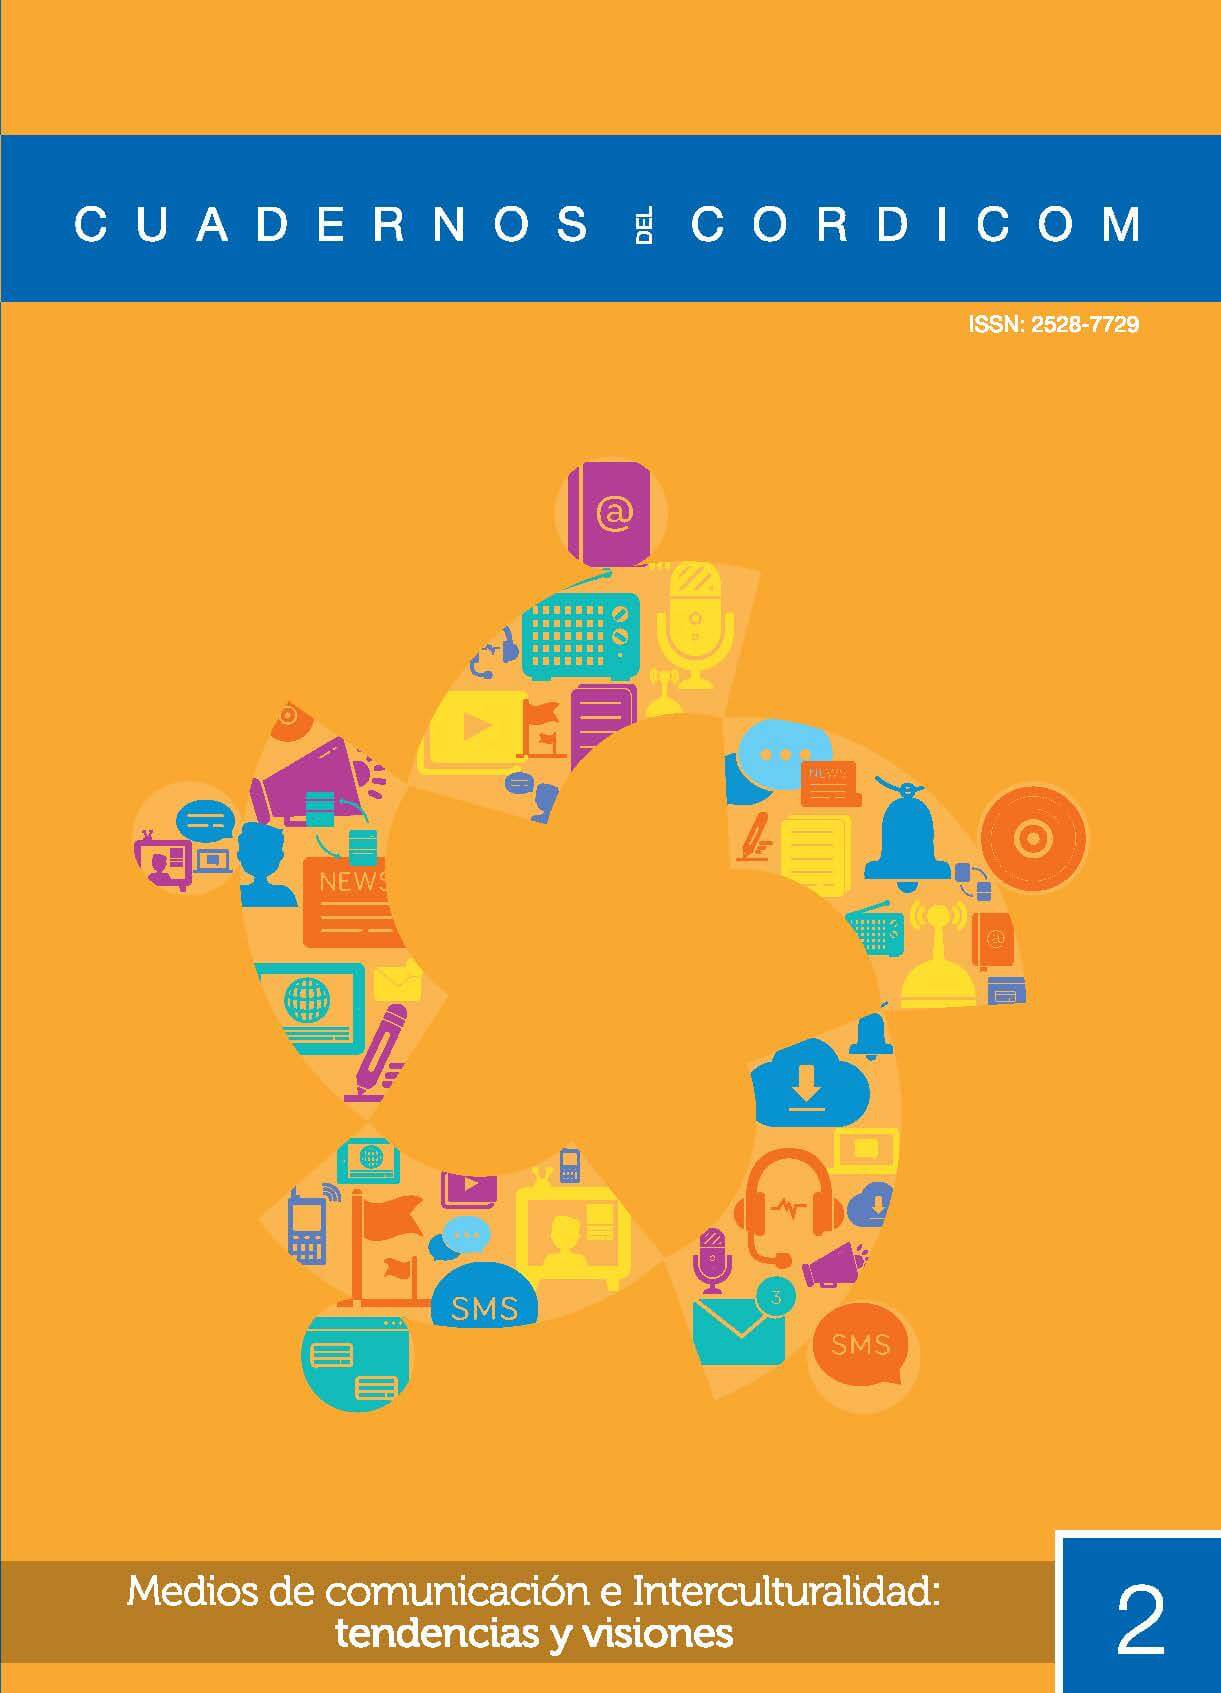 Cuadernos CORDICOM 2 Medios de comunicación e interculturalidad tendencias y visiones